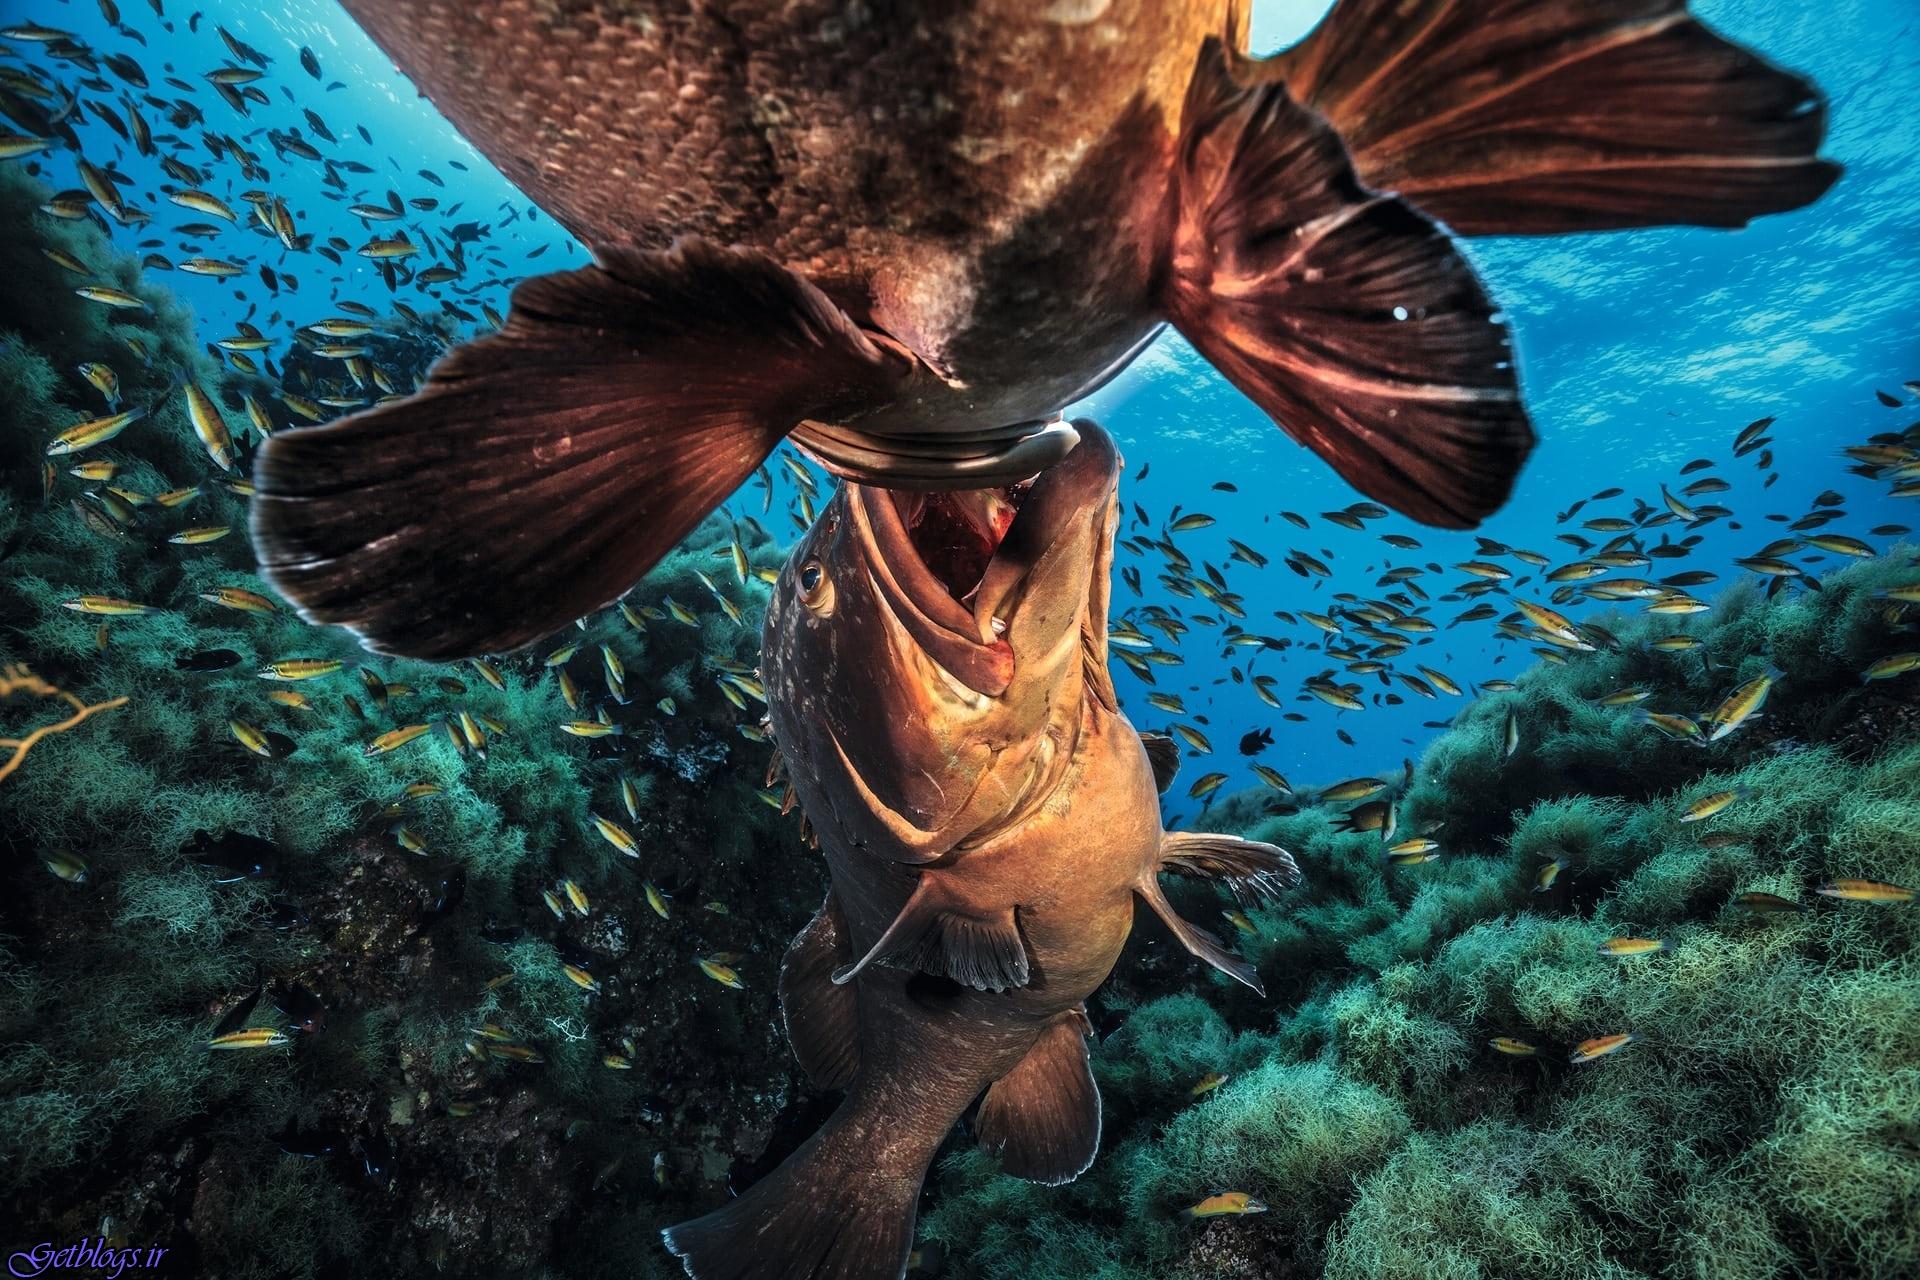 تصاویر ، منتخبی از عکسهای منحصربهفرد چند دهه از اعماق اقیانوس